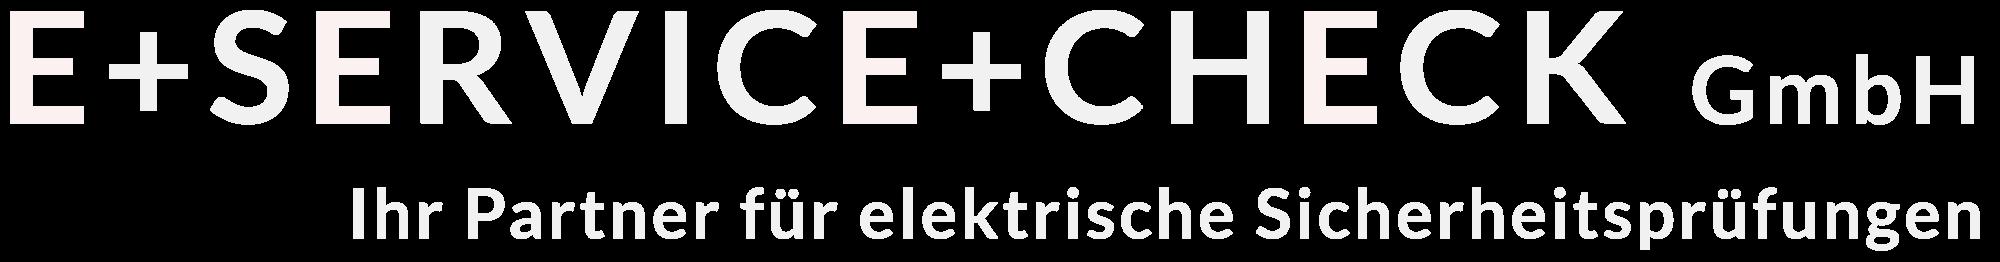 E-Service Check - Ihr Partner bei der Prüfung elektrischer Anlagen